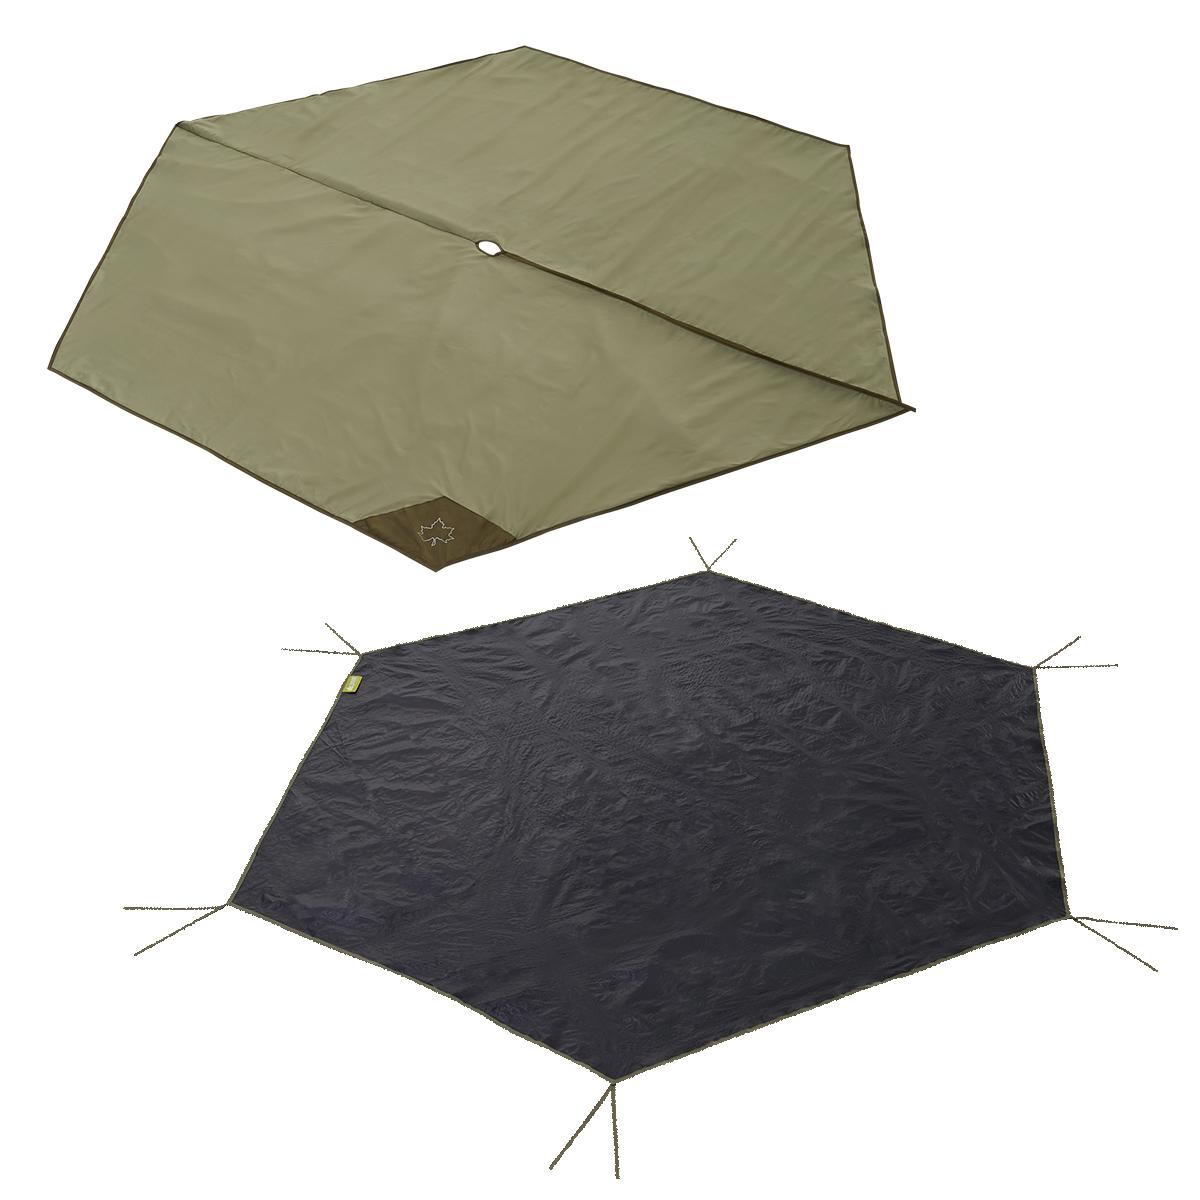 ロゴス(LOGOS) グランドシート Tepee マット&シート300 71809720 テント タープ用品 キャンプ アウトドア